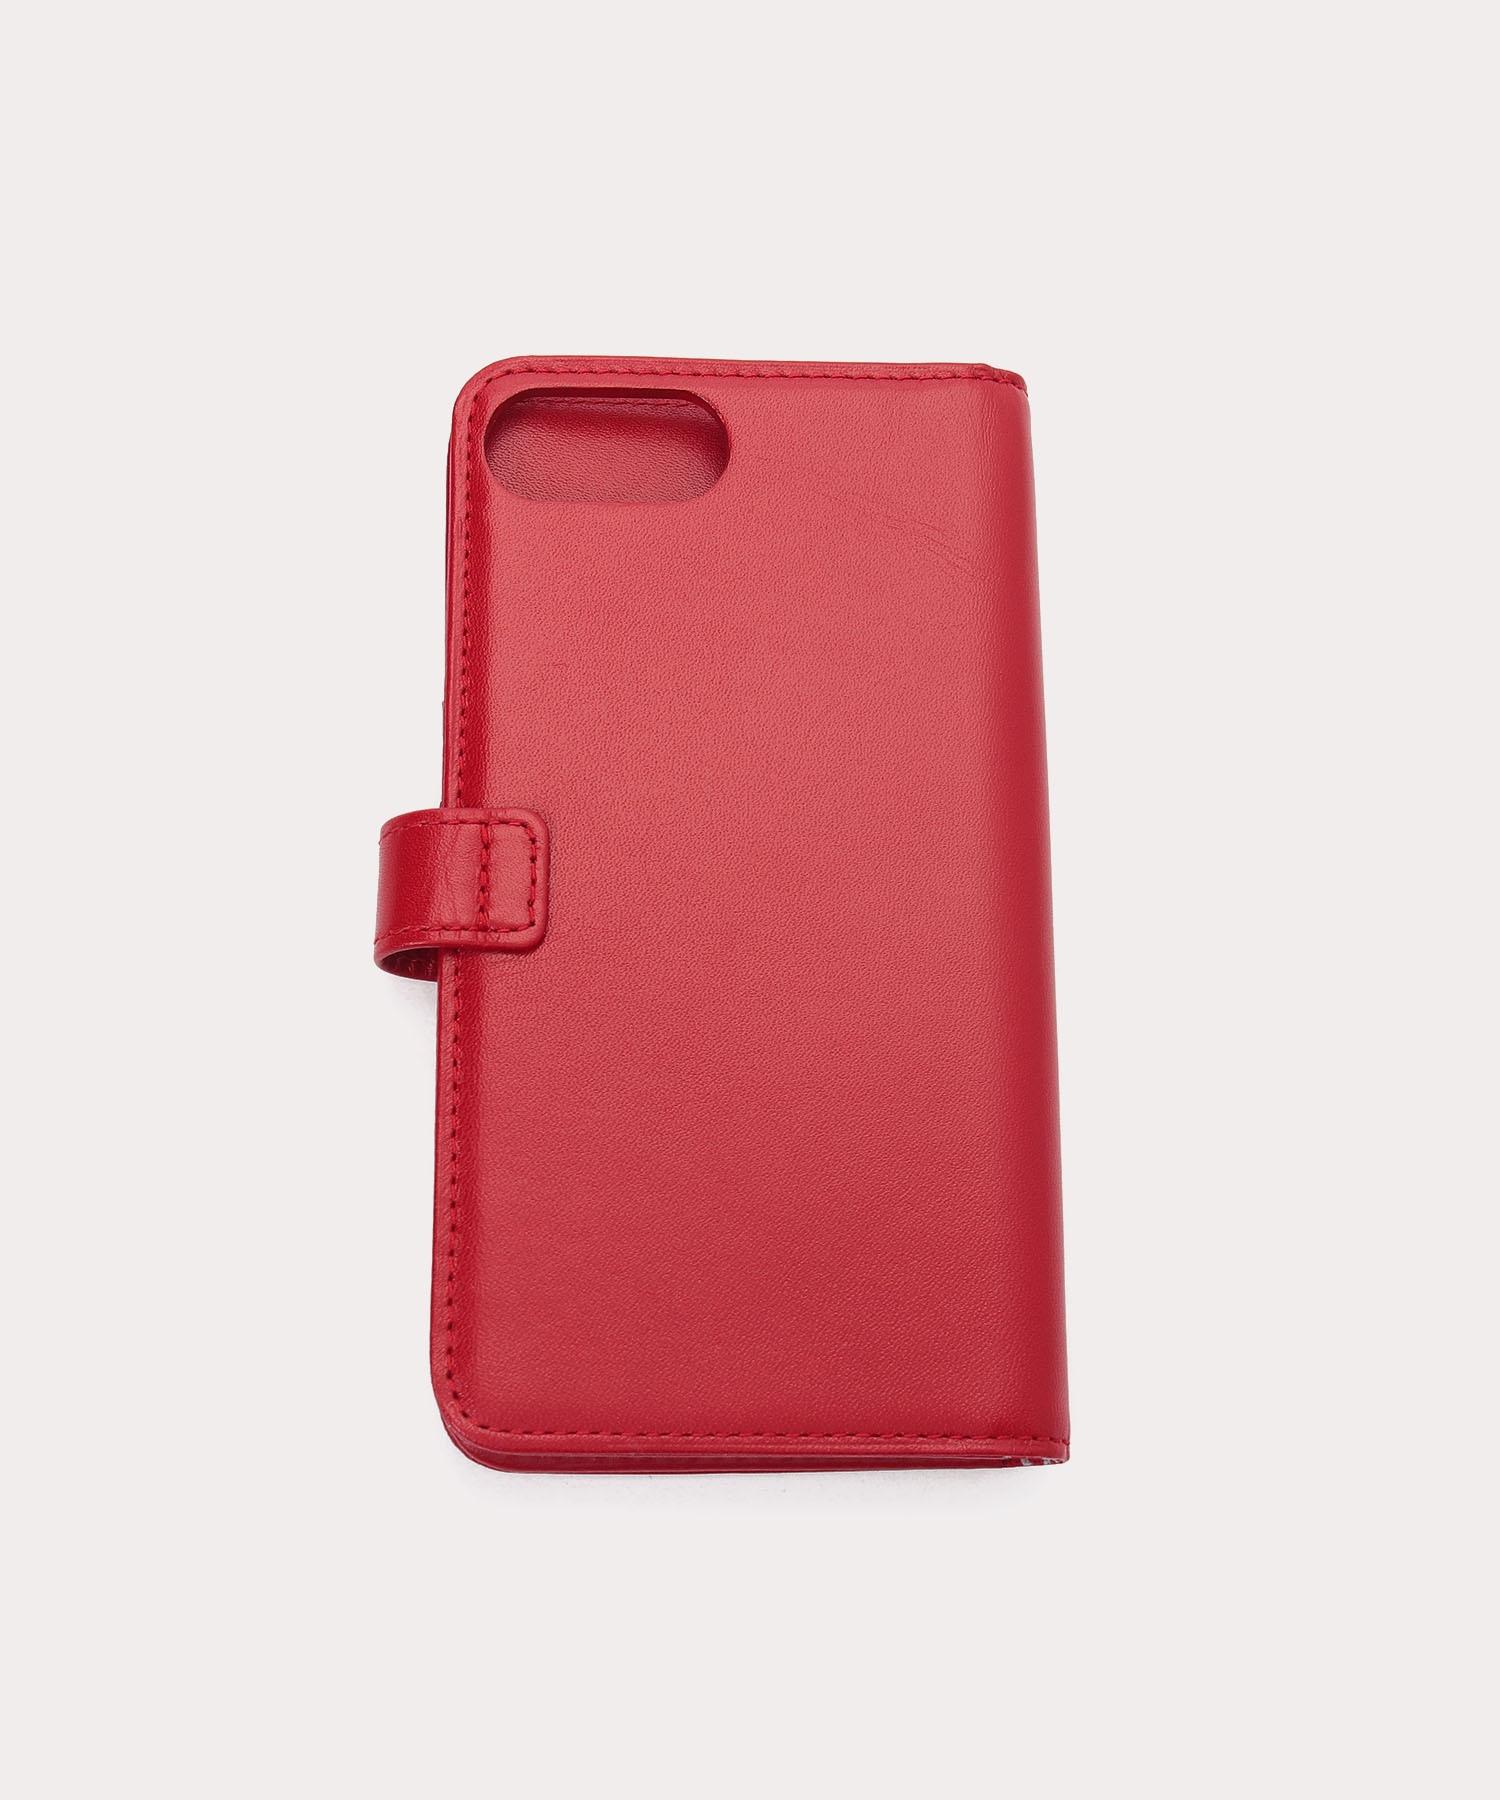 【iPhone 7/8 Plus用】ヴィンテージ WATER ORB スマホケース